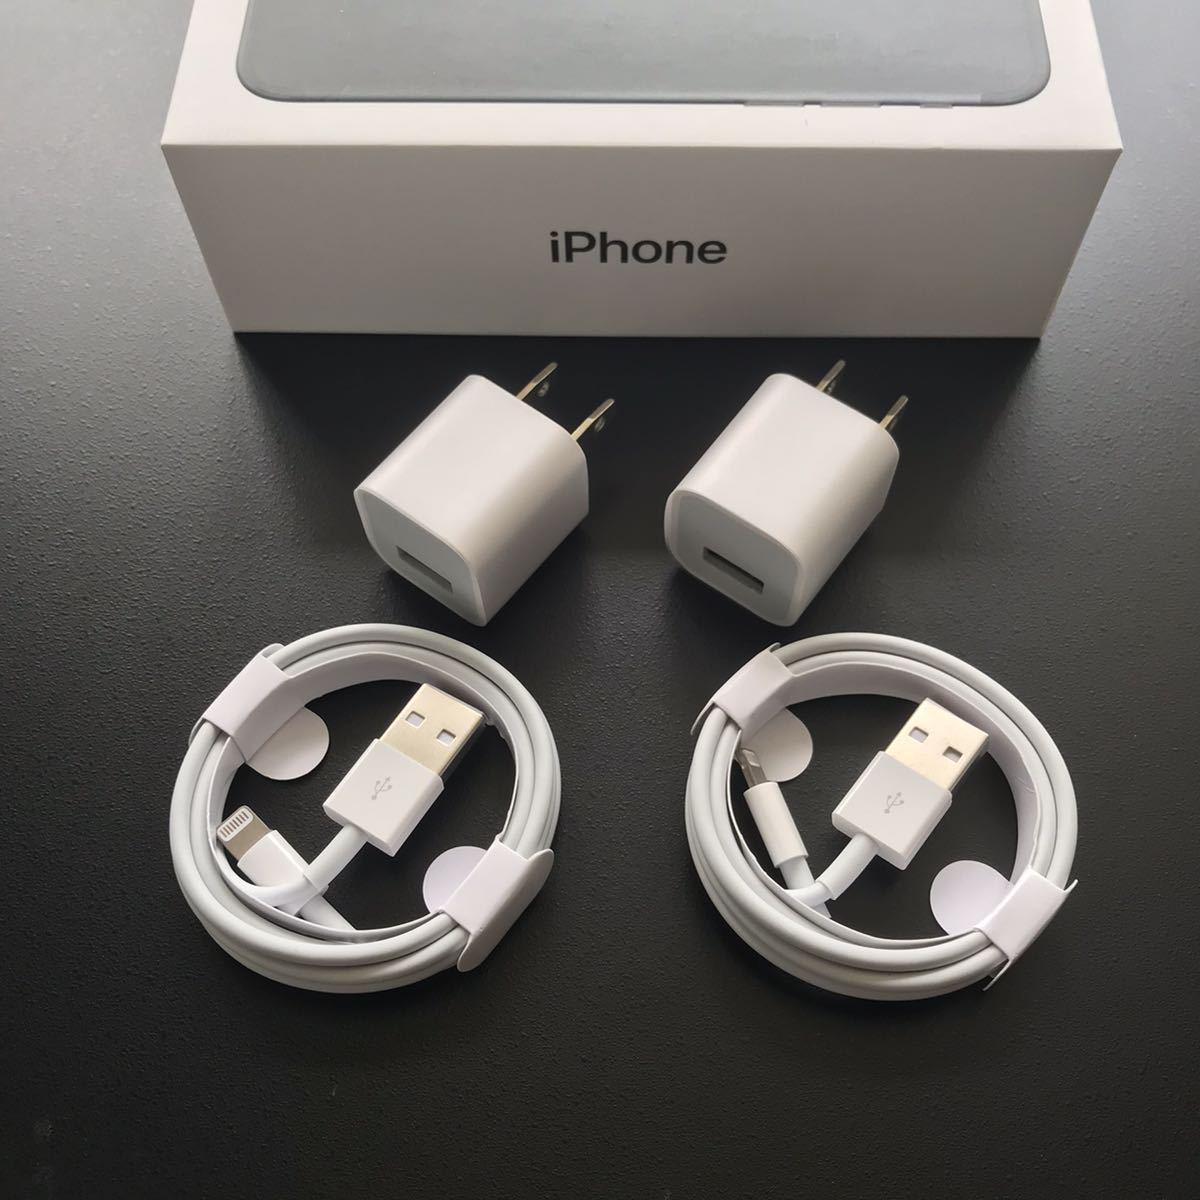 iPhone 充電器 充電ケーブル コード lightning cableライトニングケーブル 4点セットUSBケーブル 格安 セール SALE